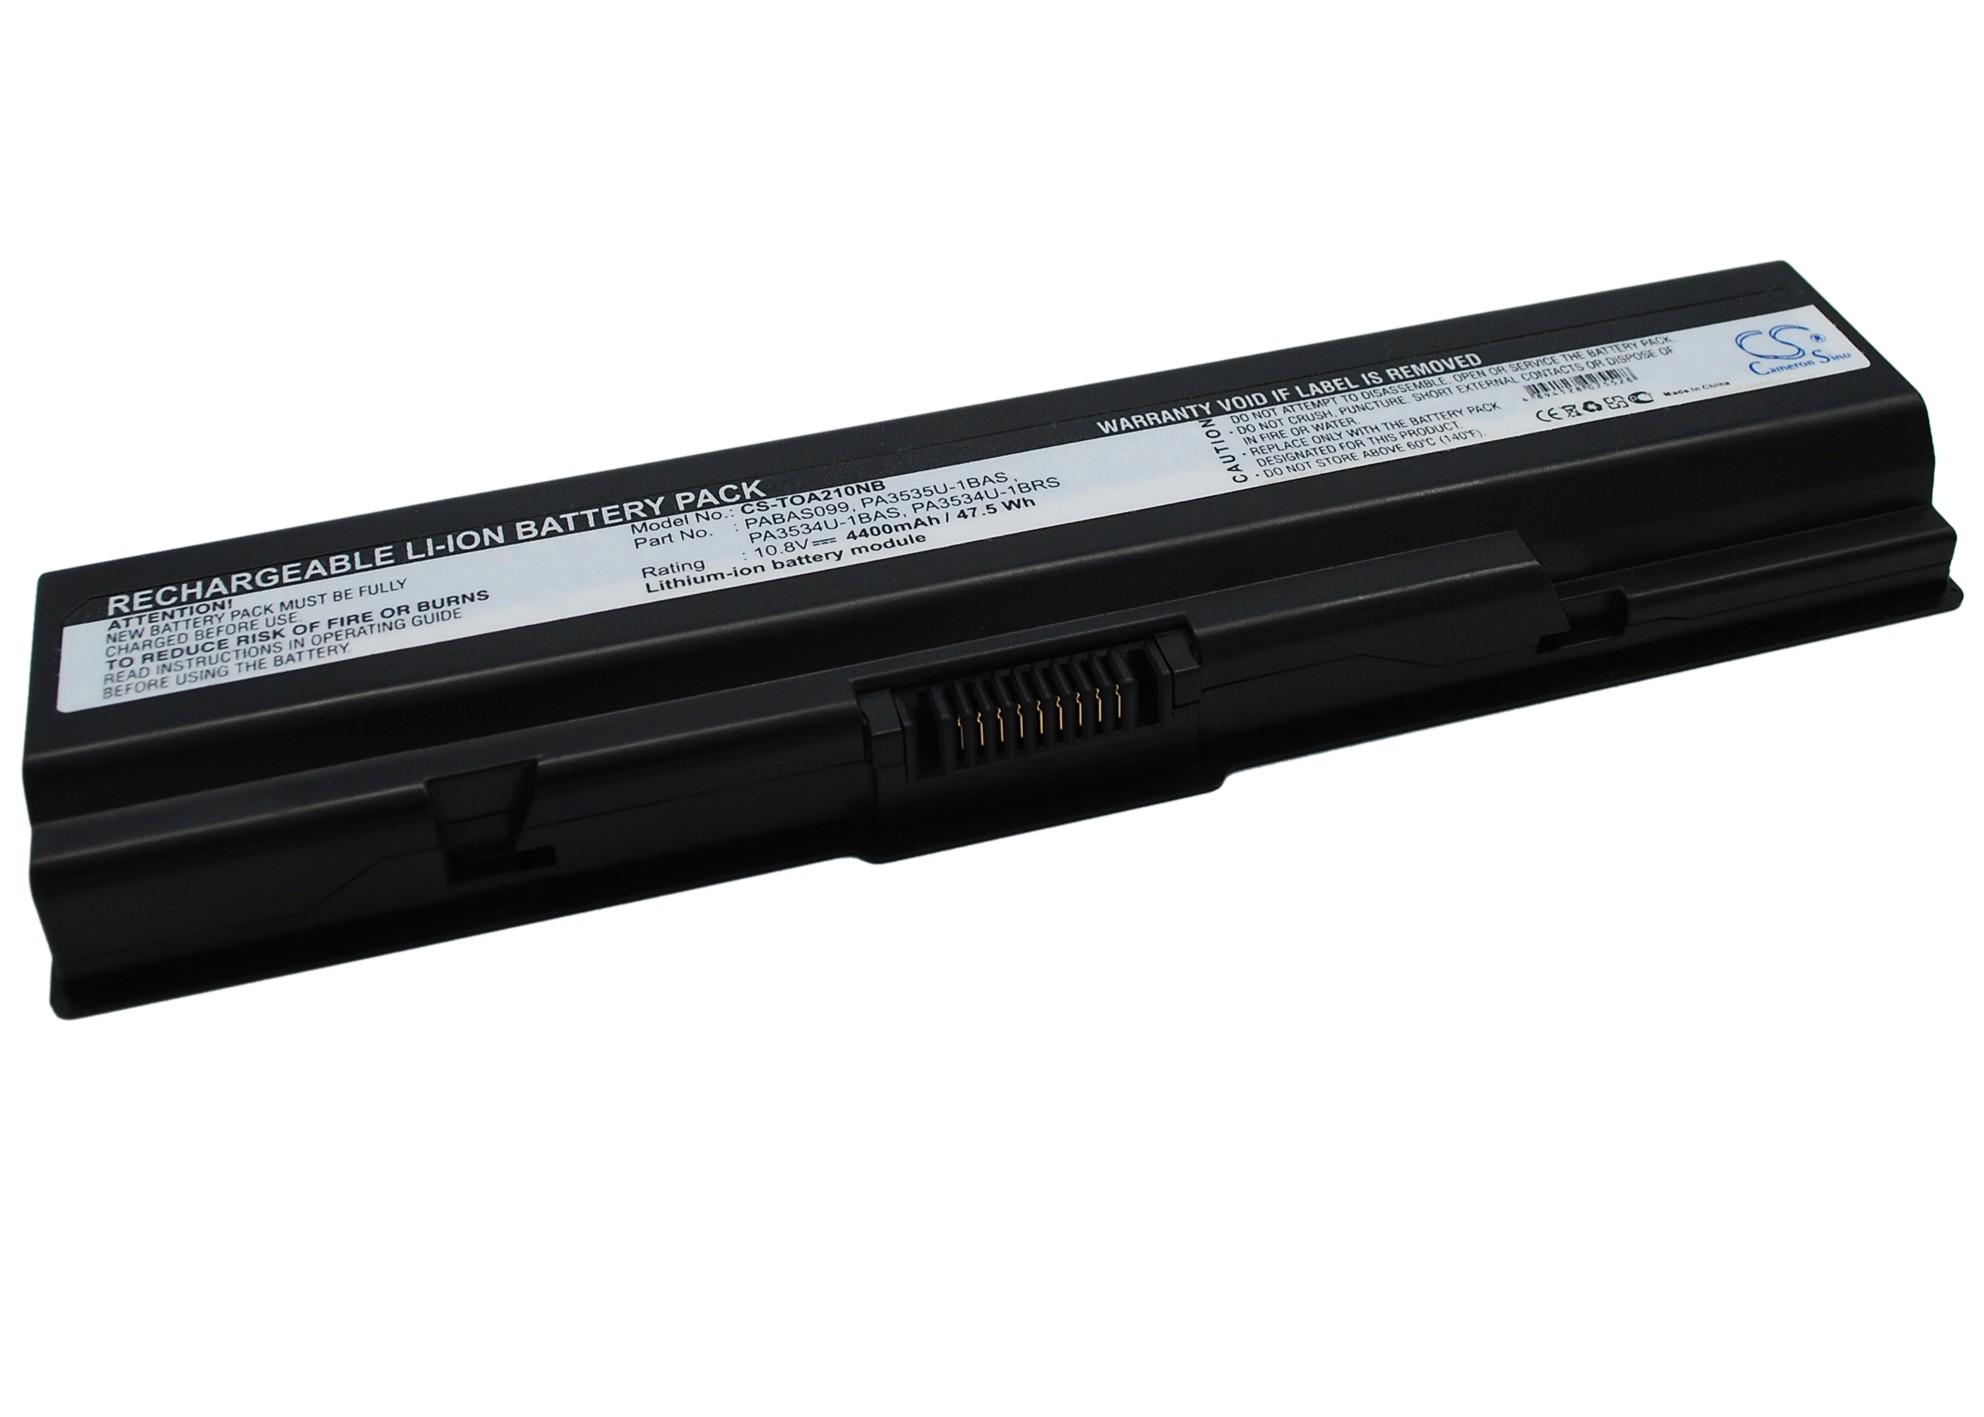 Cameron Sino baterie do notebooků pro TOSHIBA Satellite L505-138 10.8V Li-ion 4400mAh černá - neoriginální